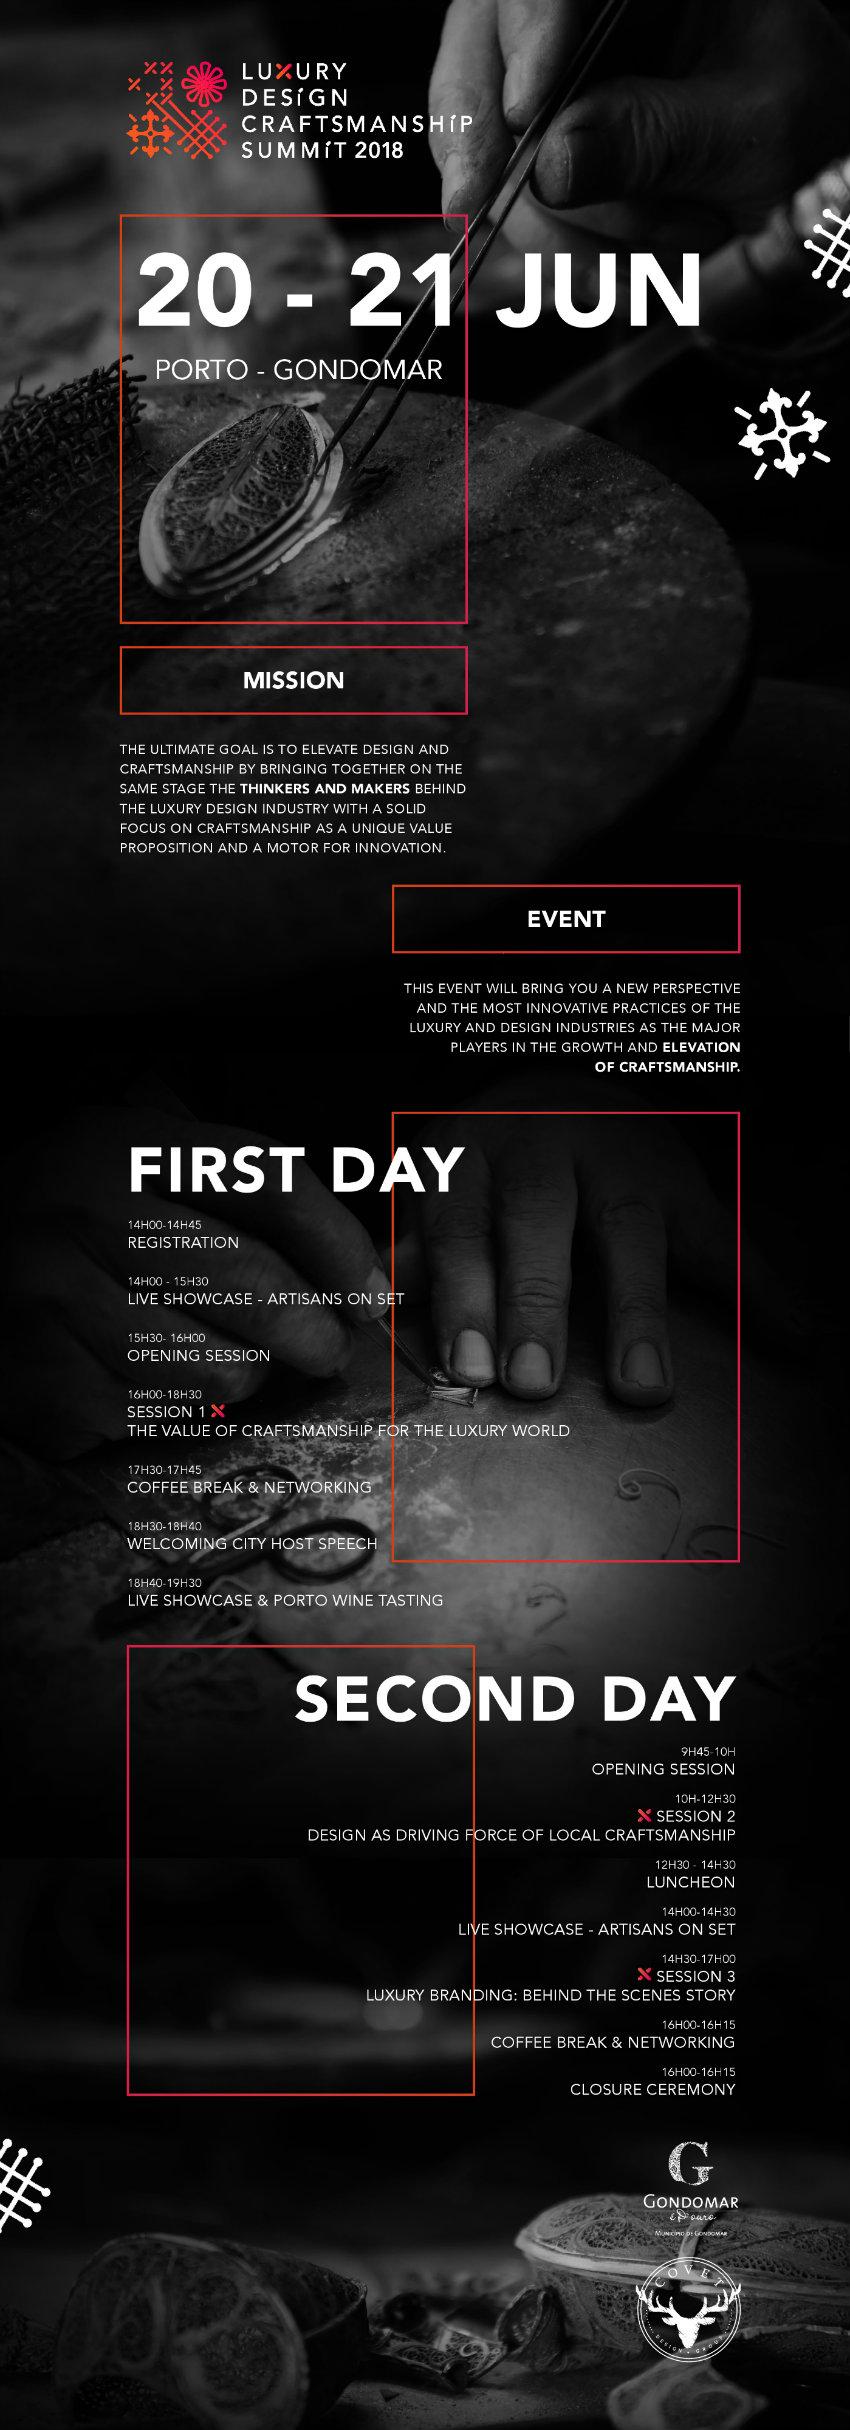 Luxury Design & Craftsmanship Summit 2018 Get To Know The Luxury Design & Craftsmanship Summit 2018 001 summit infographic 001